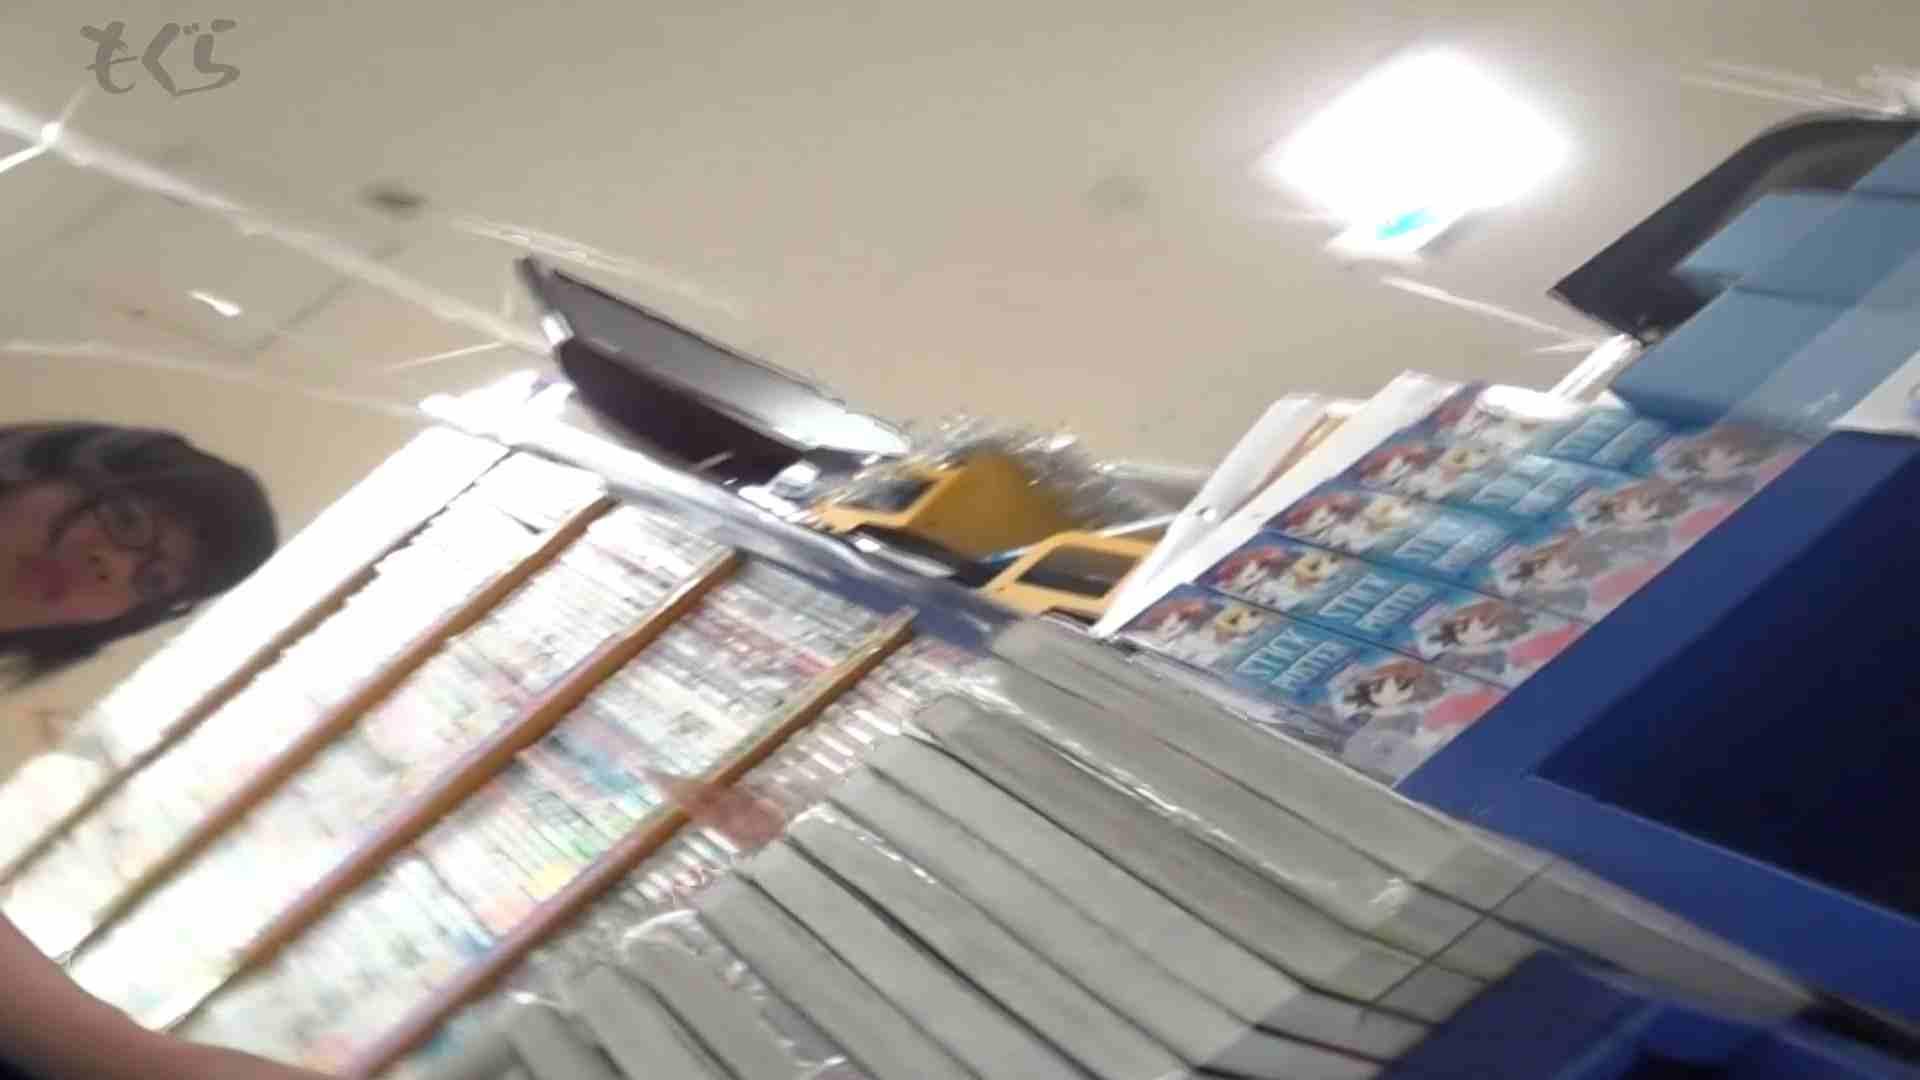 無修正エロ動画:隣からNo2 ストッキングがすごくエロいです。:怪盗ジョーカー